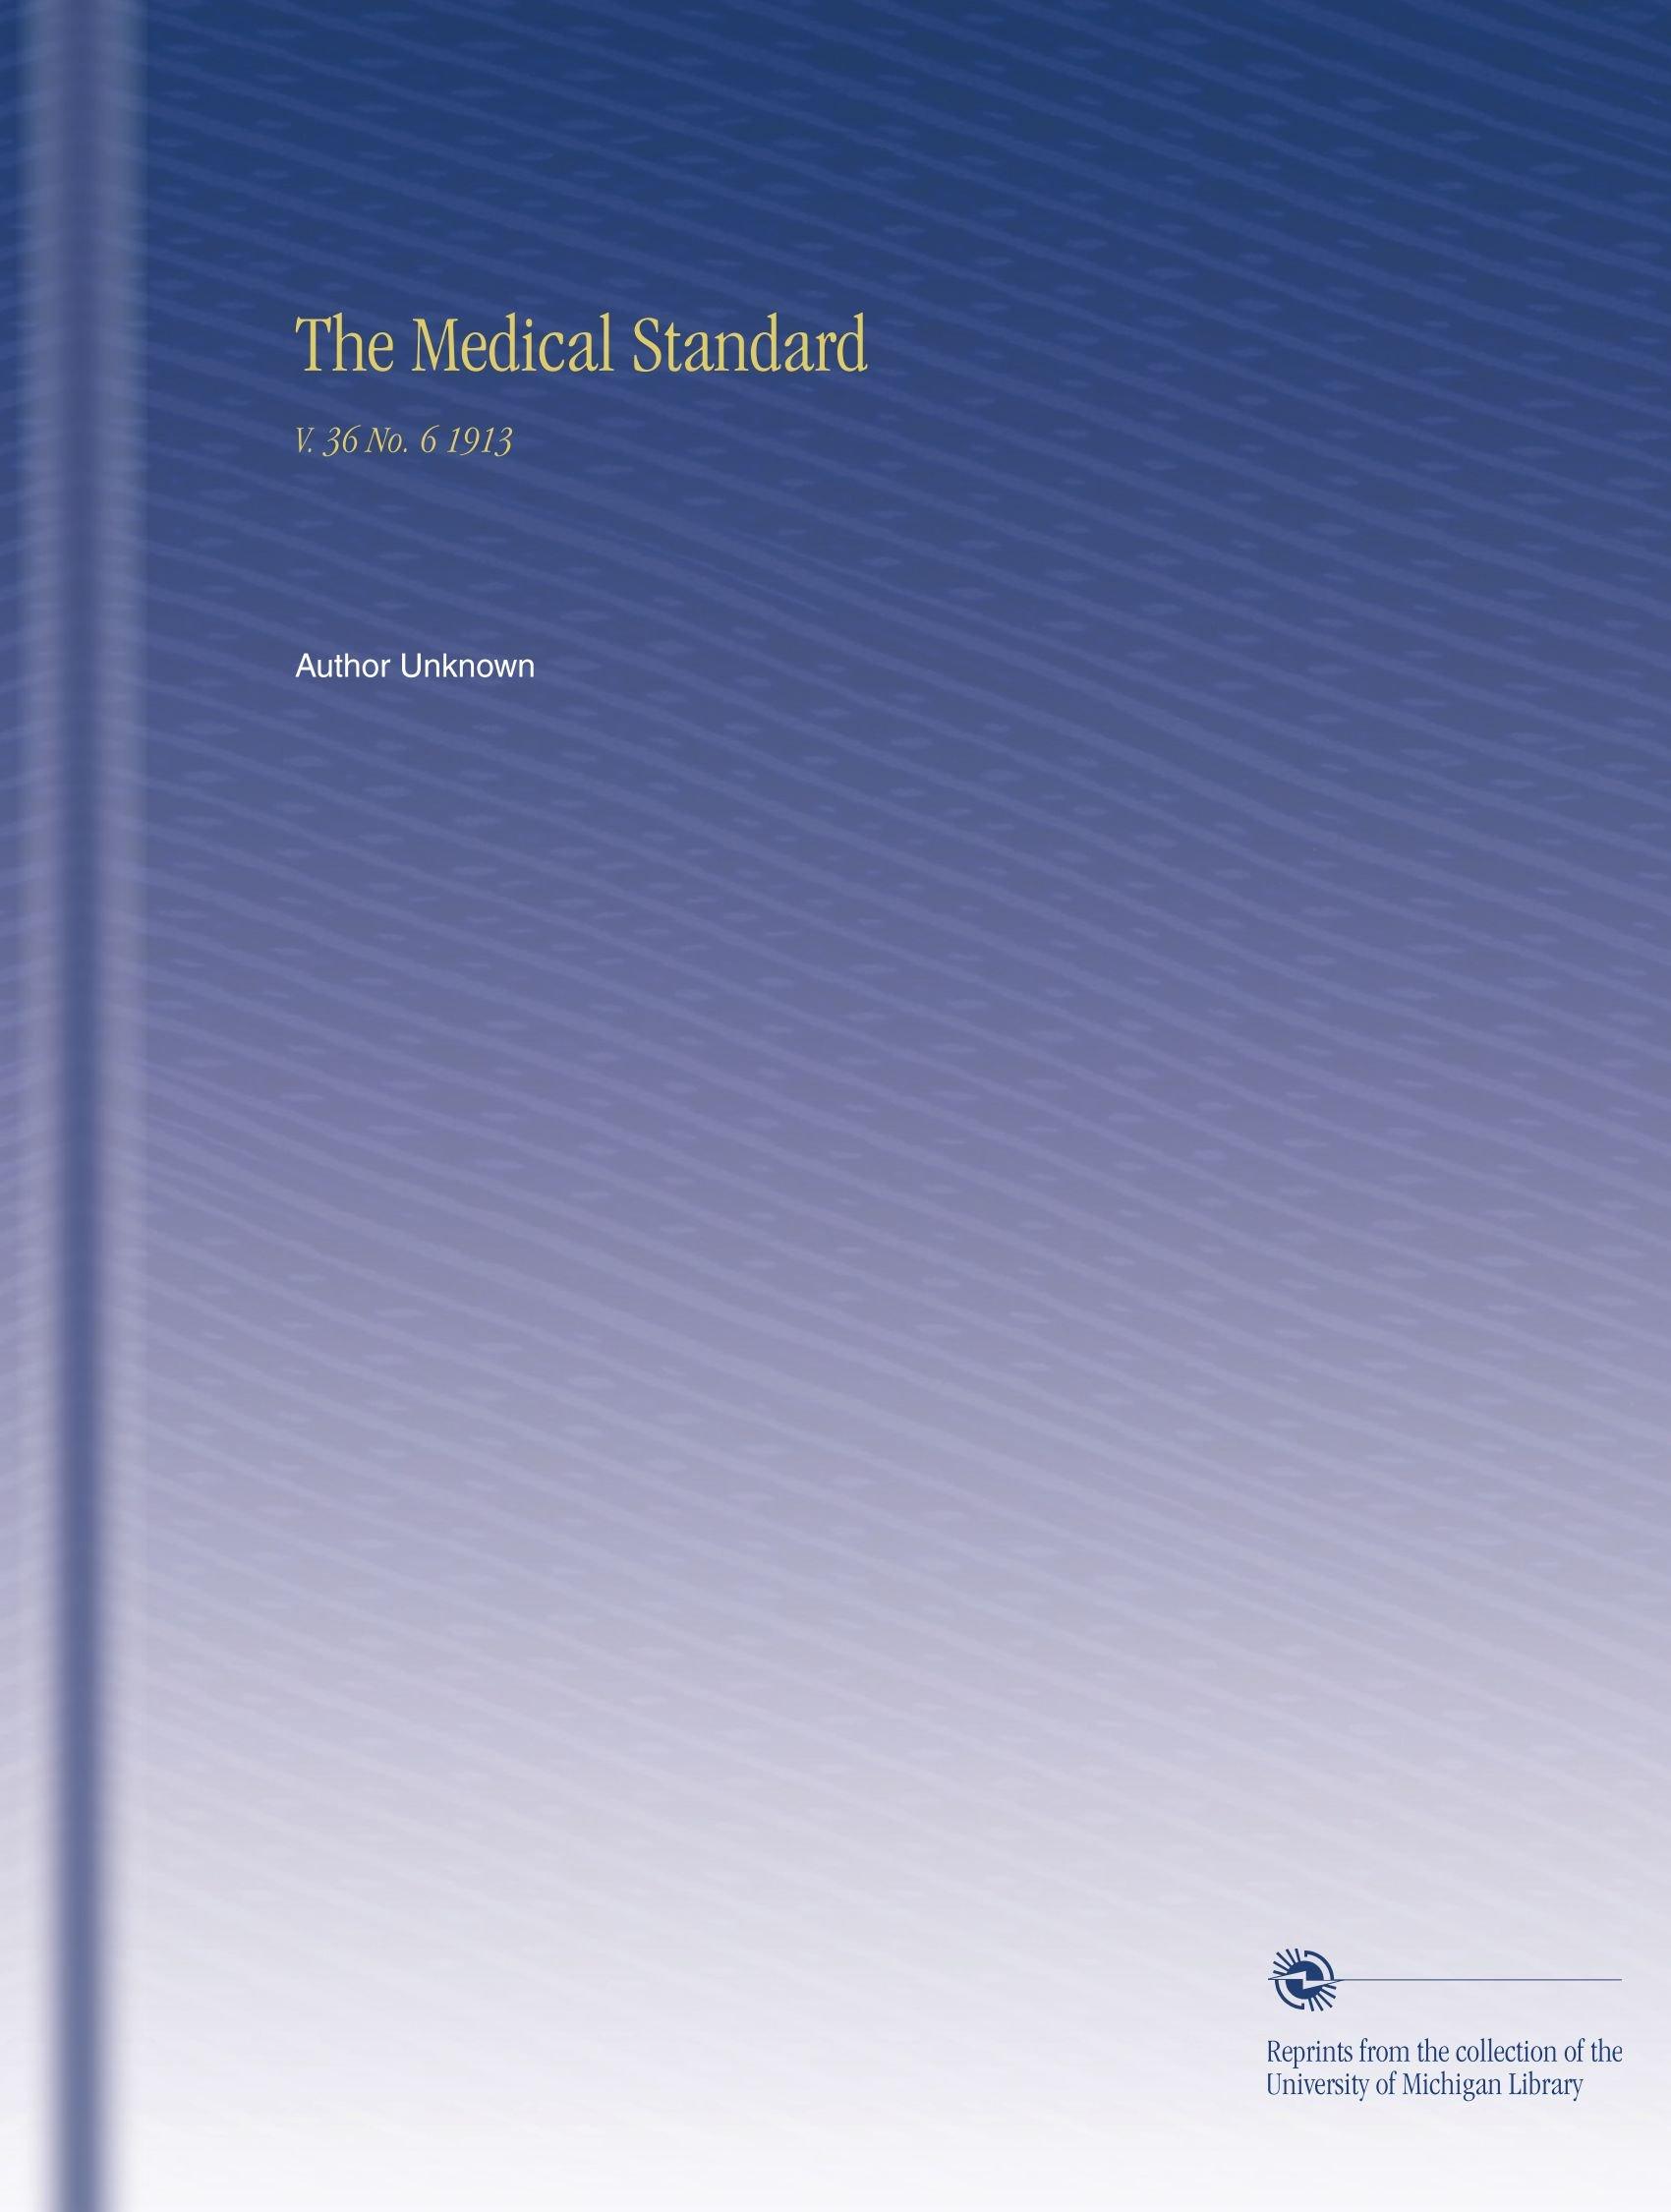 The Medical Standard: V. 36 No. 6 1913 PDF